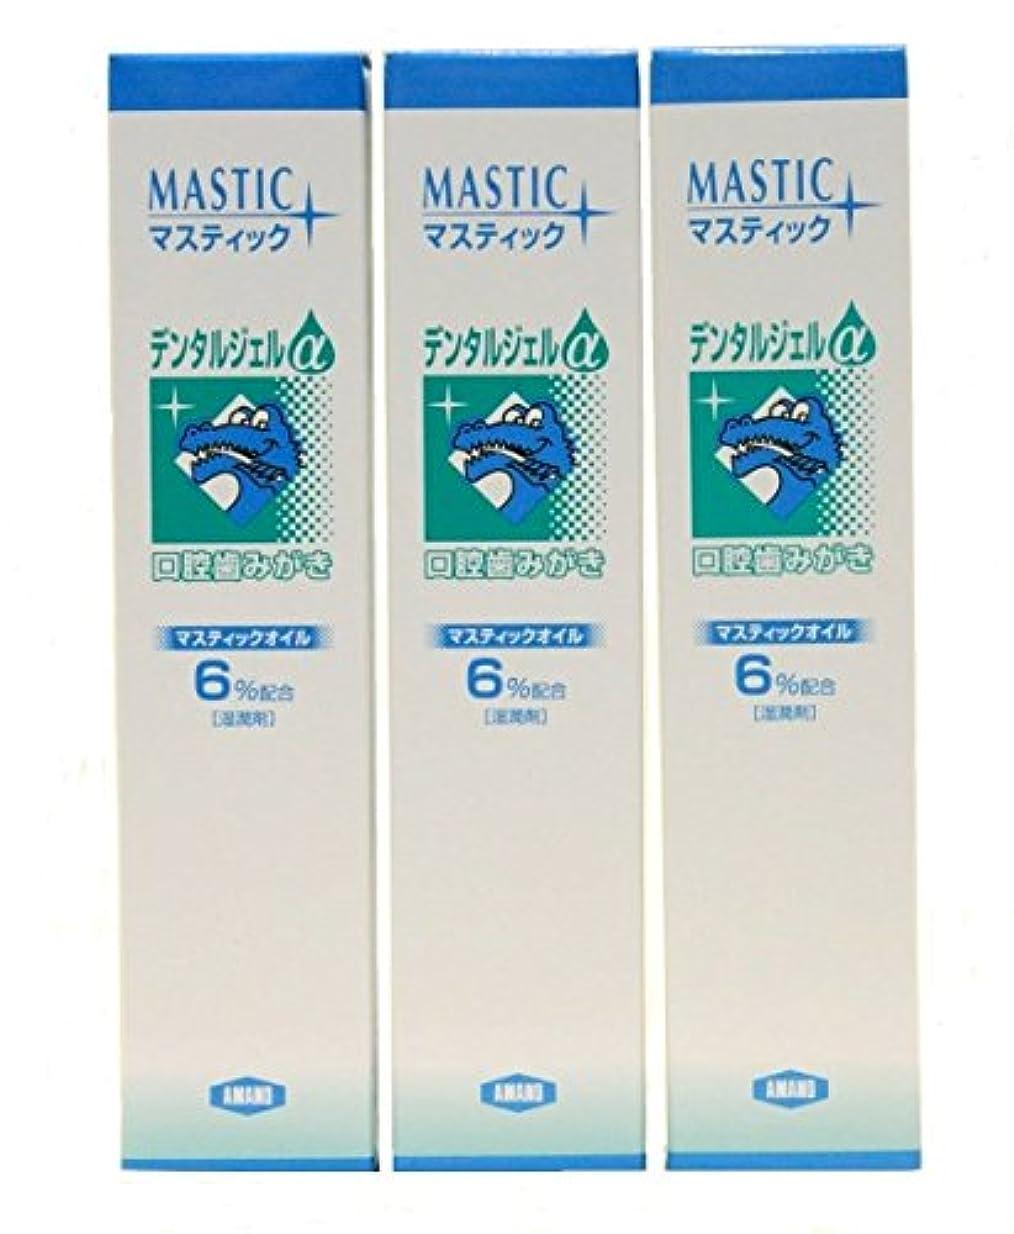 クローン狂う補償MASTIC マスティックデンタルジェルα45gX3個セット